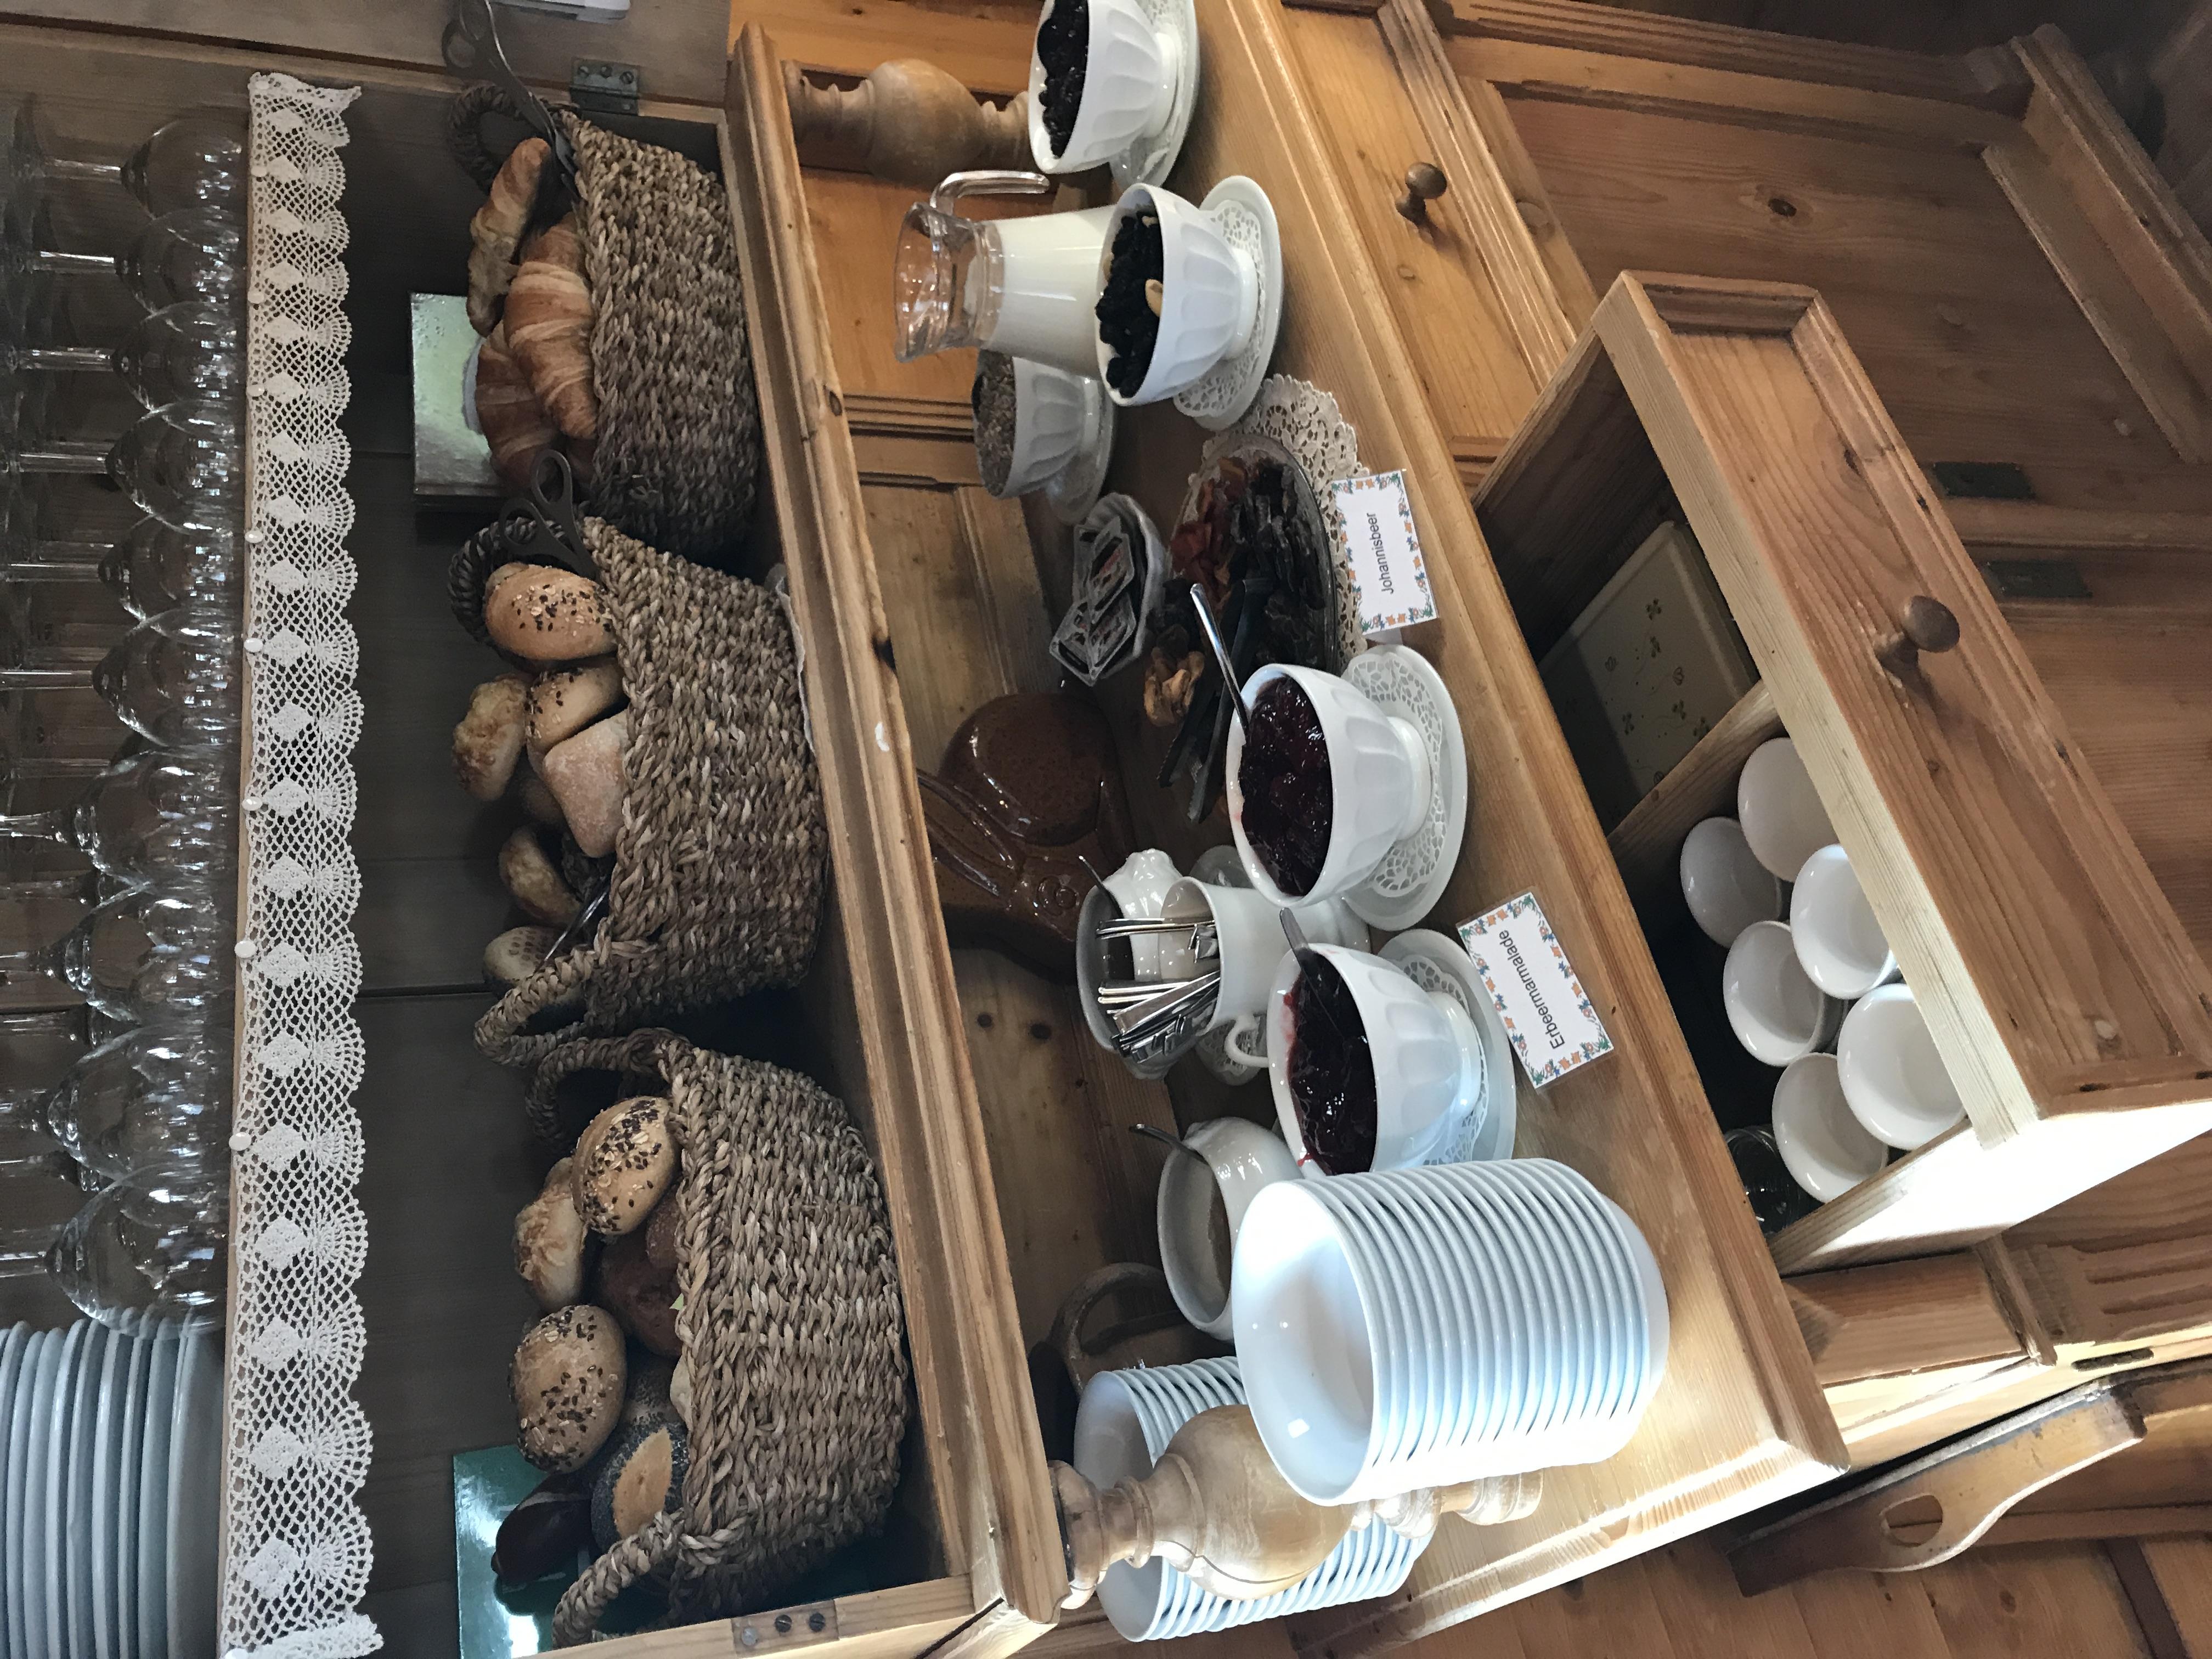 Frühstück im Hofcafé Gugelhupf